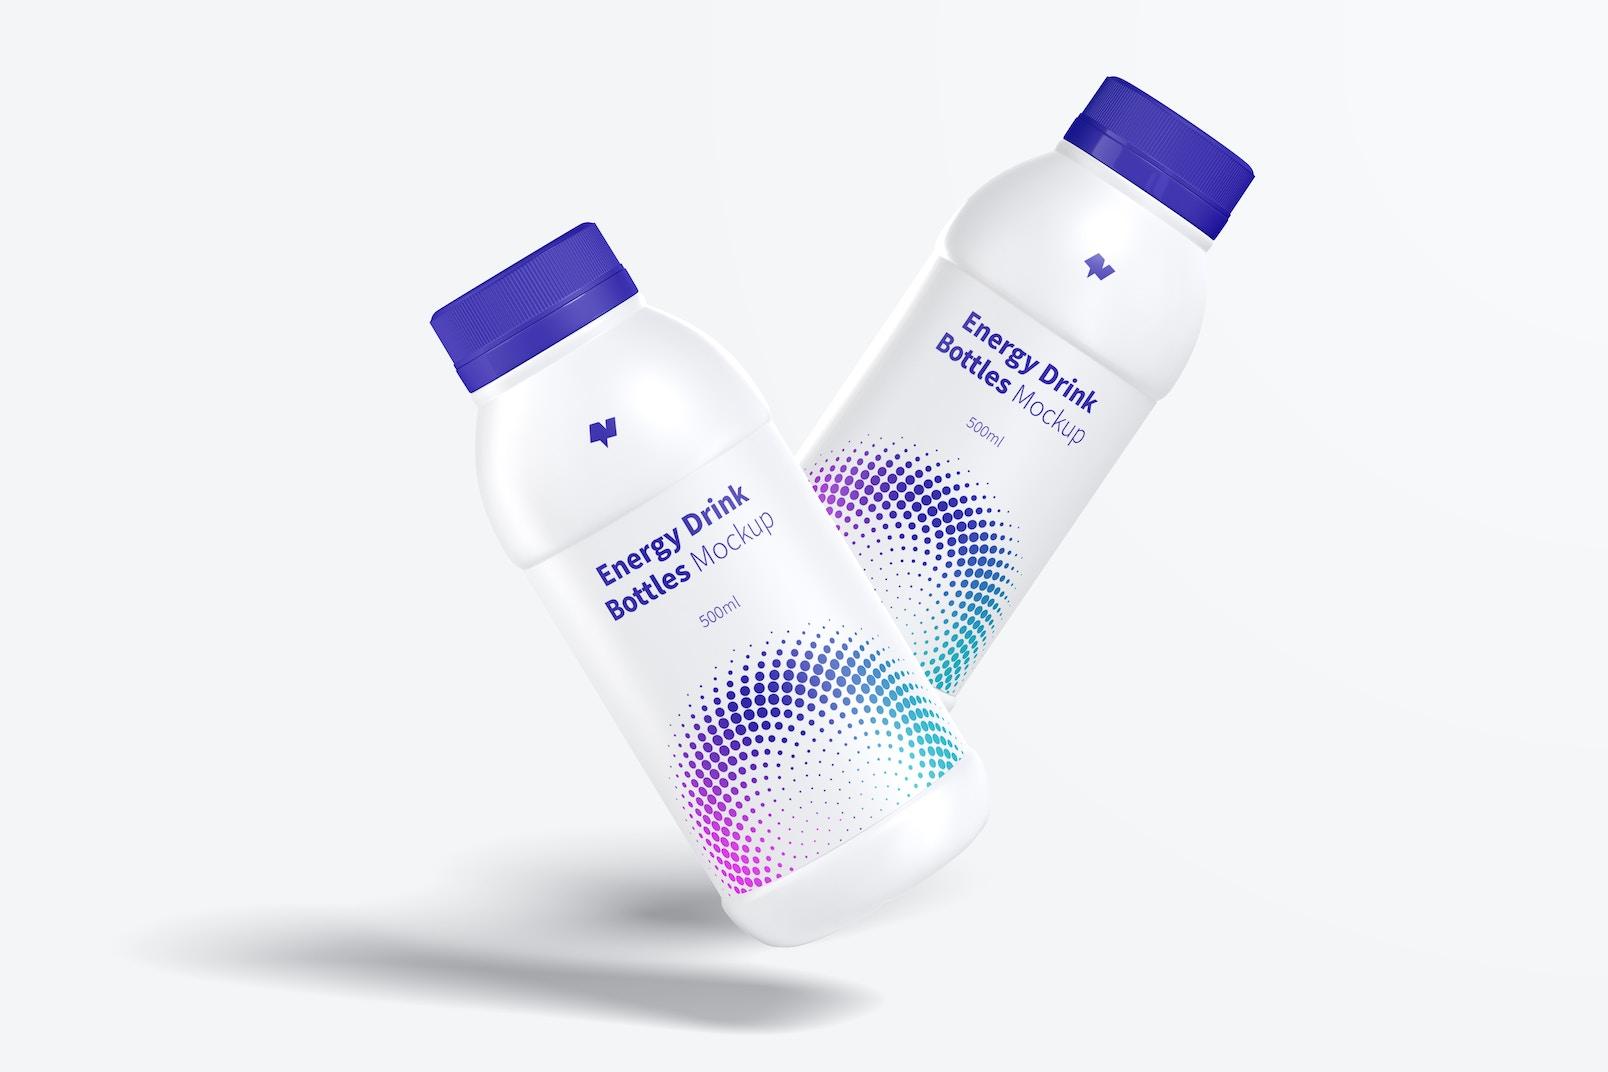 Maqueta de Botellas Plásticas de Bebida Energética, Flotando